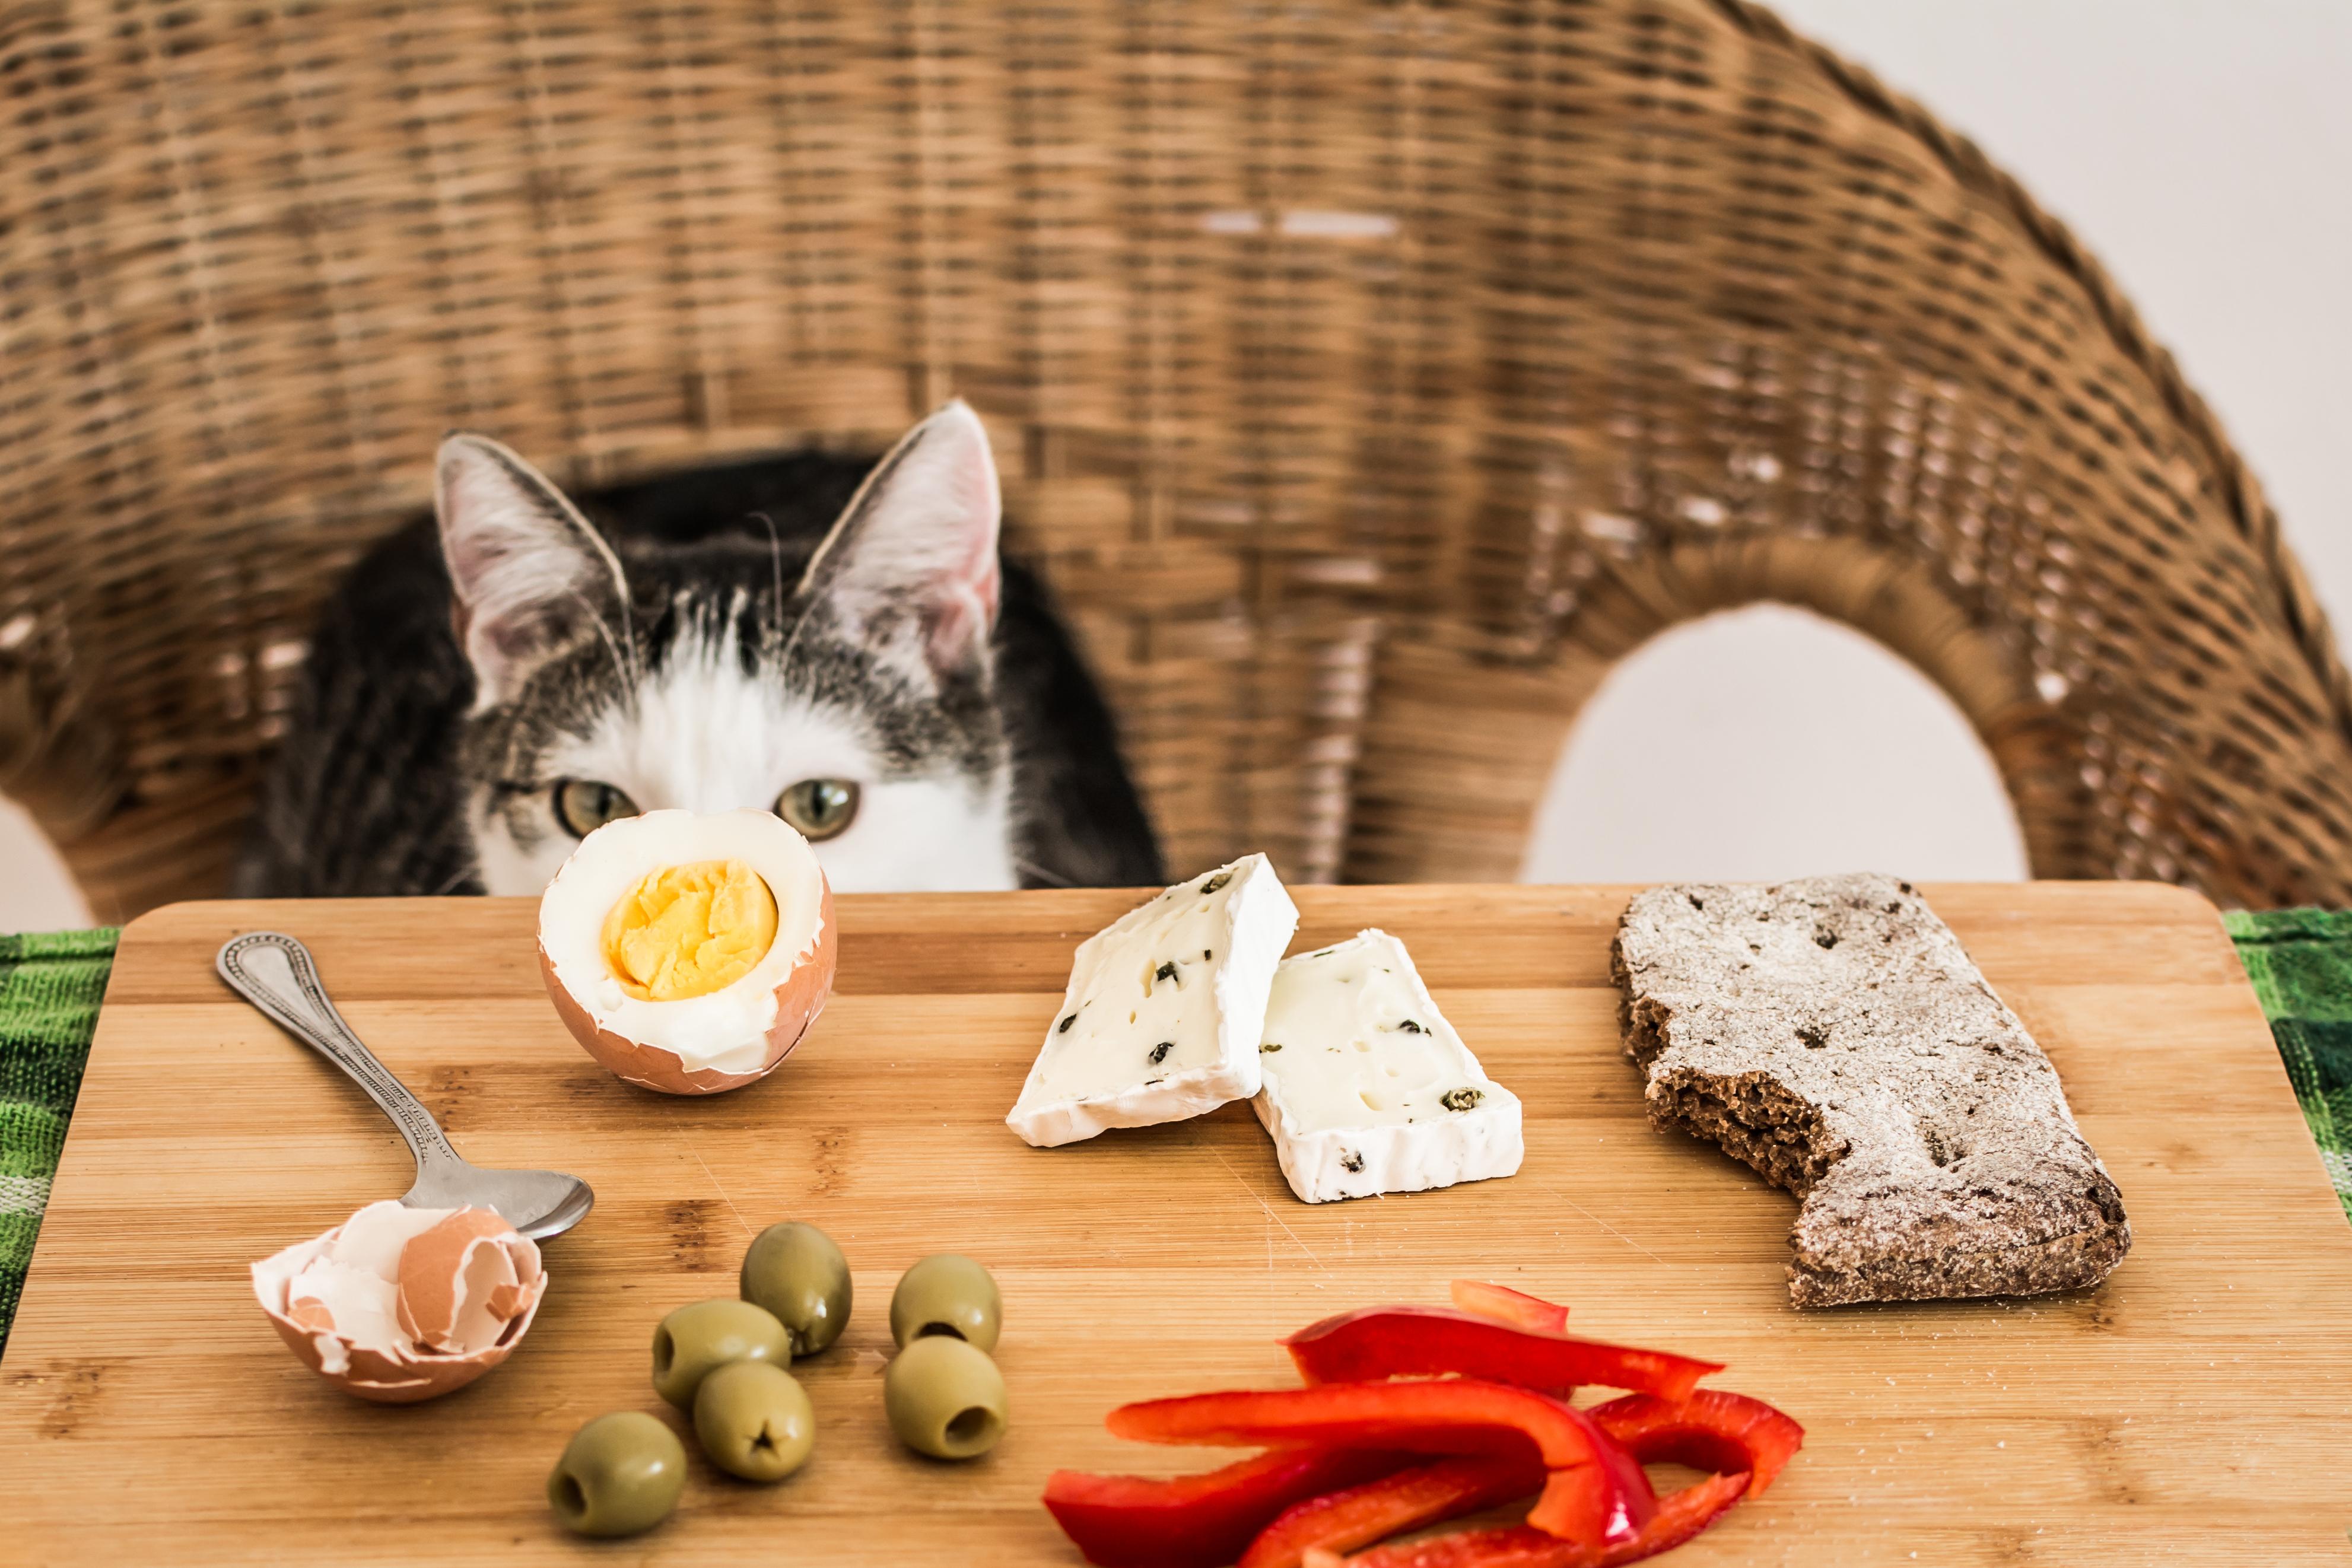 aliments dangereux pour les chats